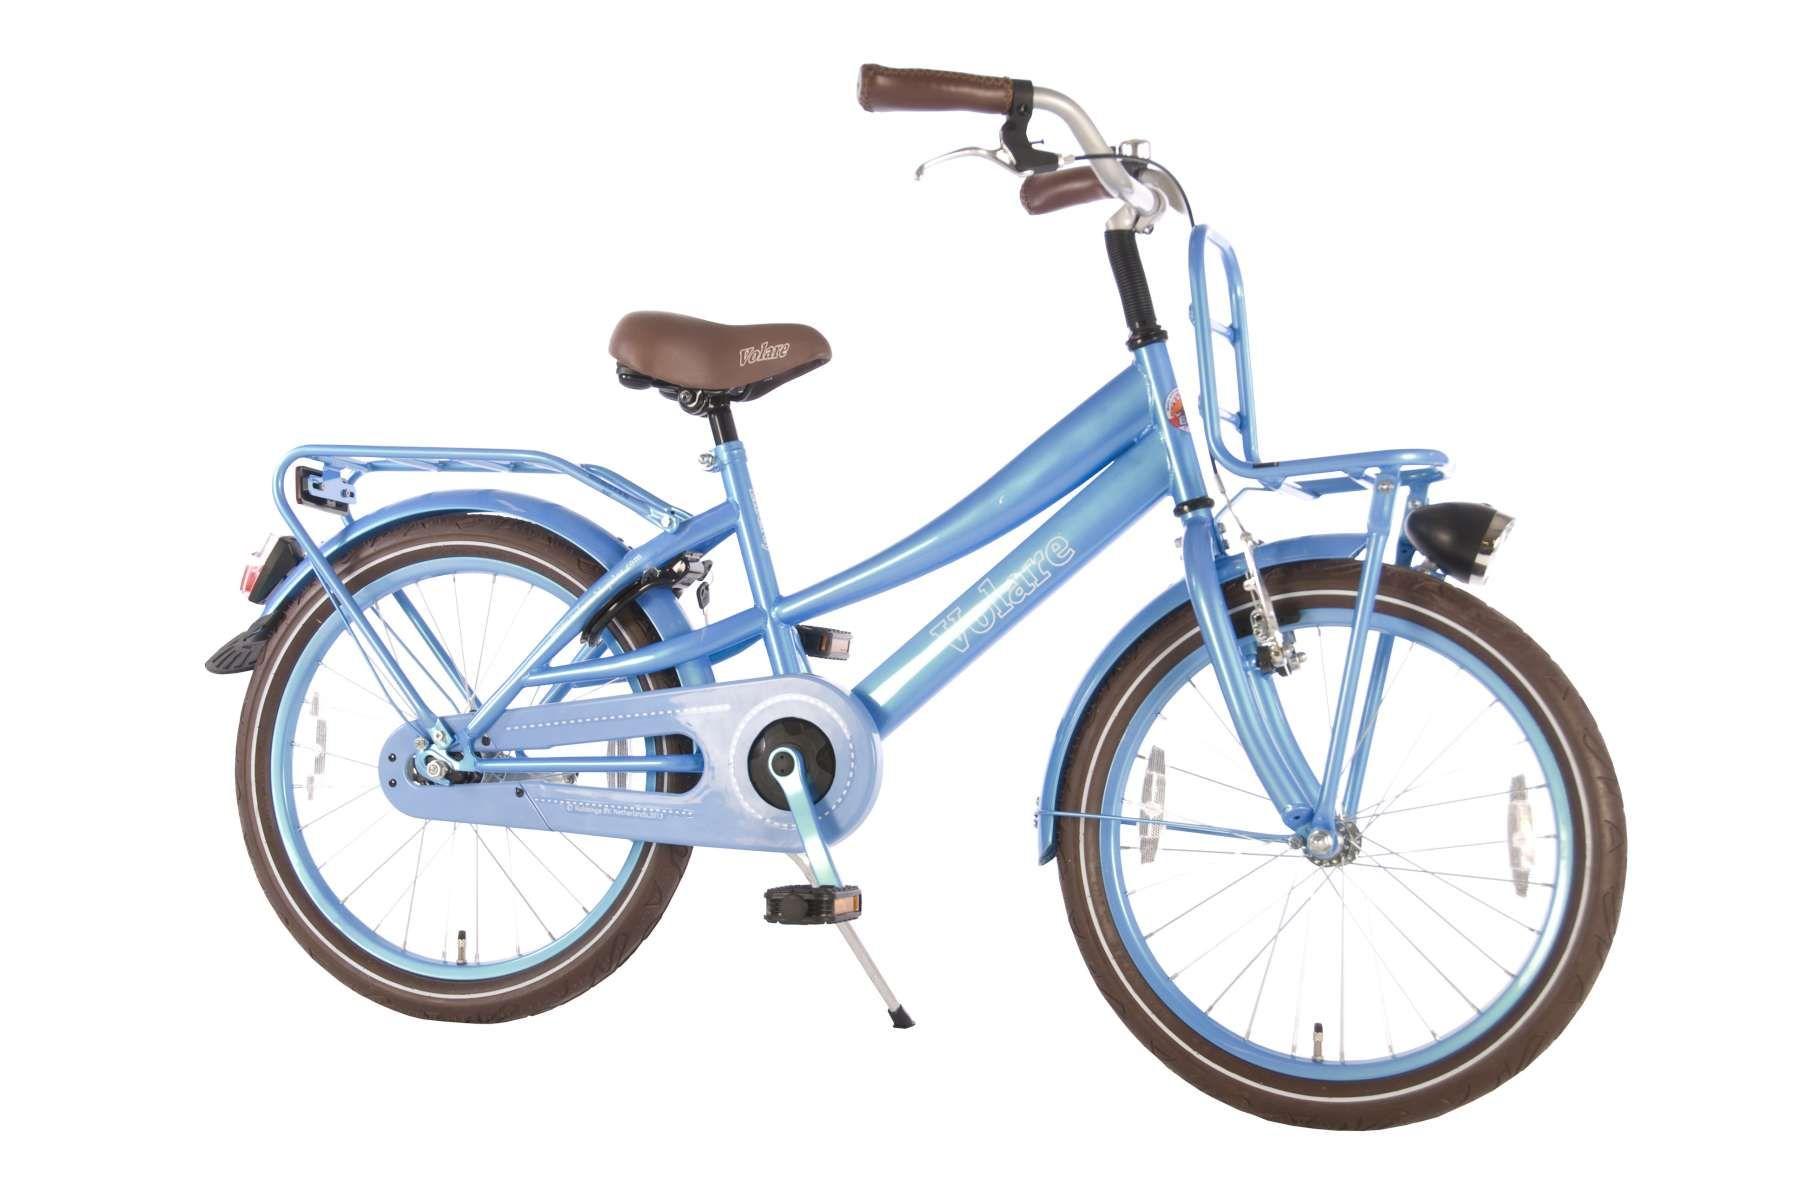 De Liberty Urban is werkelijk een super mooie blauwe meidenfiets. Modern, stevig en schitterend mooi. De liberty Urban heeft kunstlederen bruine handgrepen, bruin luxe zadel, extra brede bruine banden. Voordrager en bagagedrager. Batterijverlichting voor en achter. Slot en standaard. Oftewel een goede keuze. De kleur blauw is een hele mooie zachte metallic blauwe kleur. Ook verkrijgbaar in roze-rood metallic.